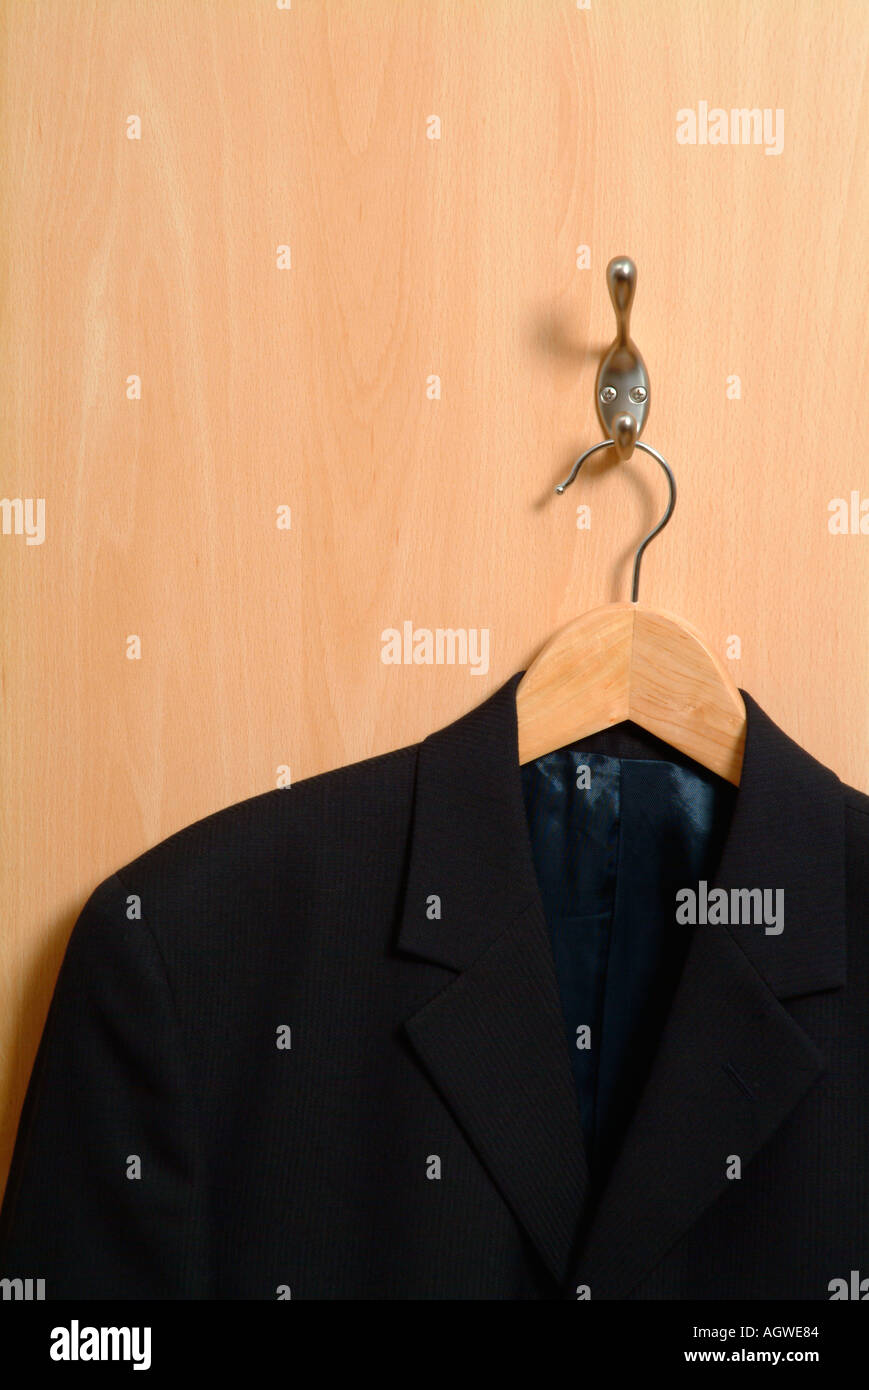 Kleiderbügel und Jacke auf der Rückseite eine Bürotür Stockbild